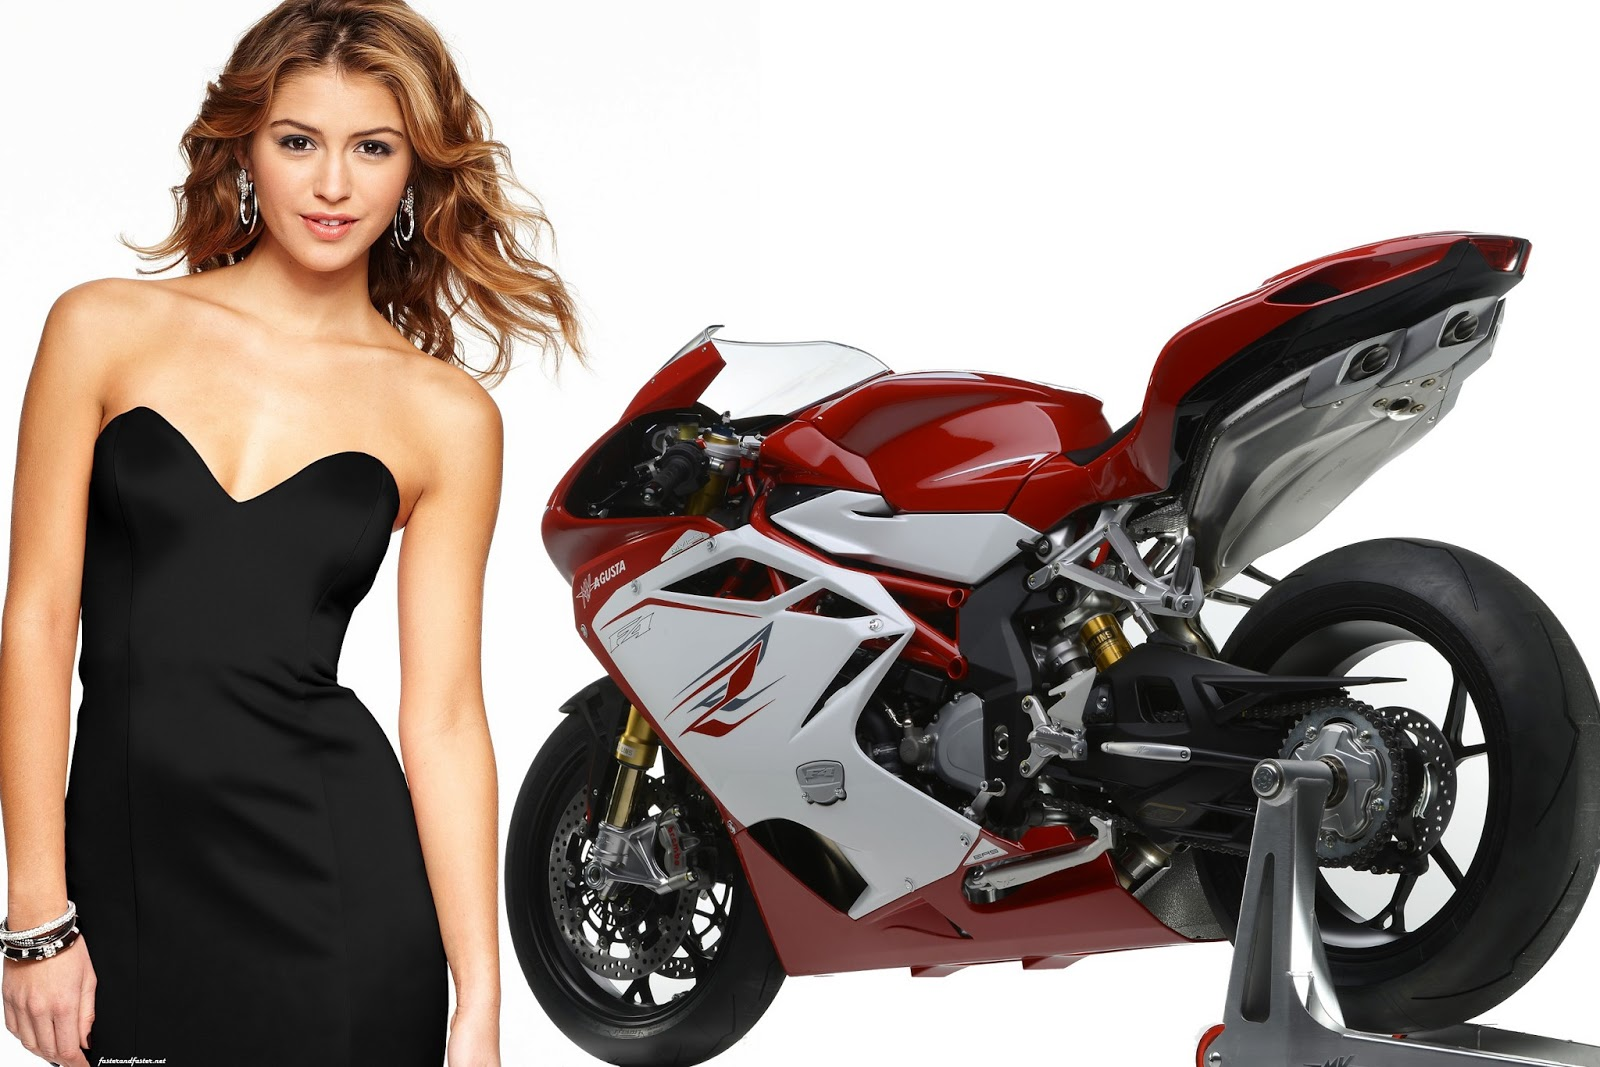 Wanita Sexy Dan Motor Sexy RiderTua